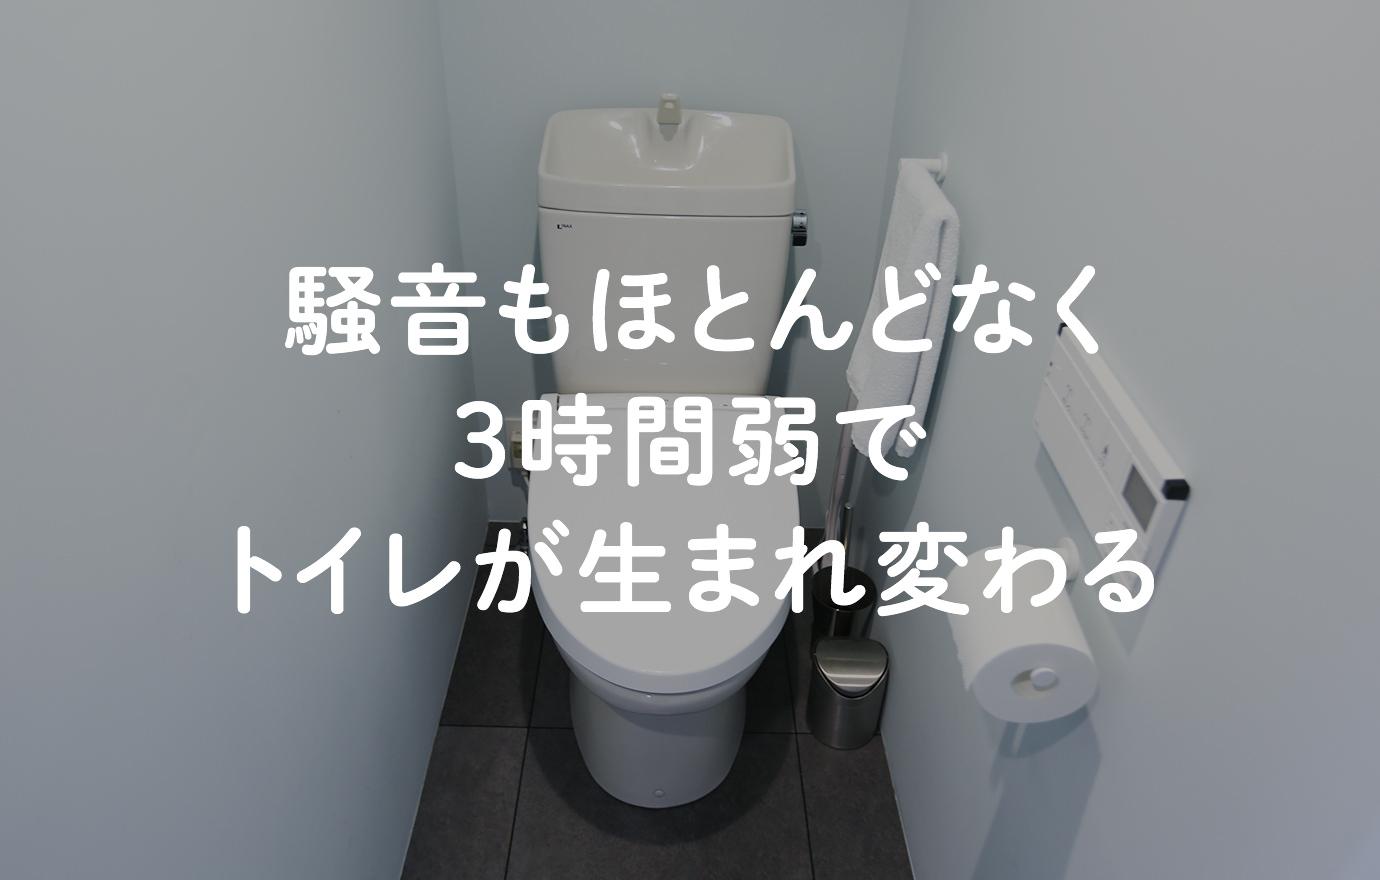 【体験レポート】トイレをリフォームしてみた